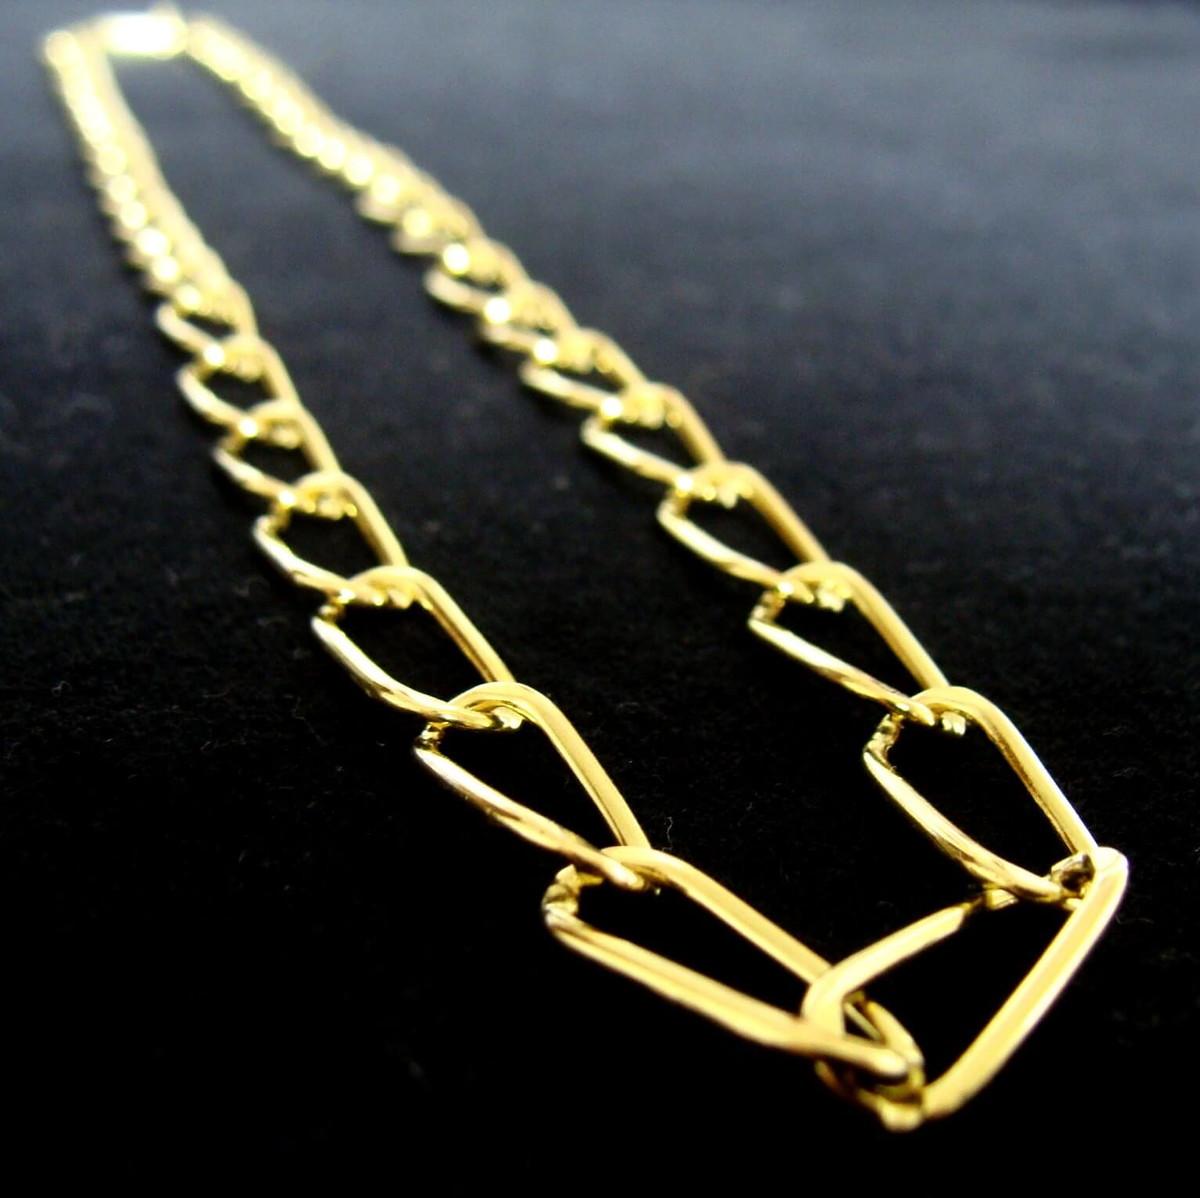 dca2189e8ab18 Corrente de Ouro 18k com 60cm - 18 grs - Frete Grátis no Elo7